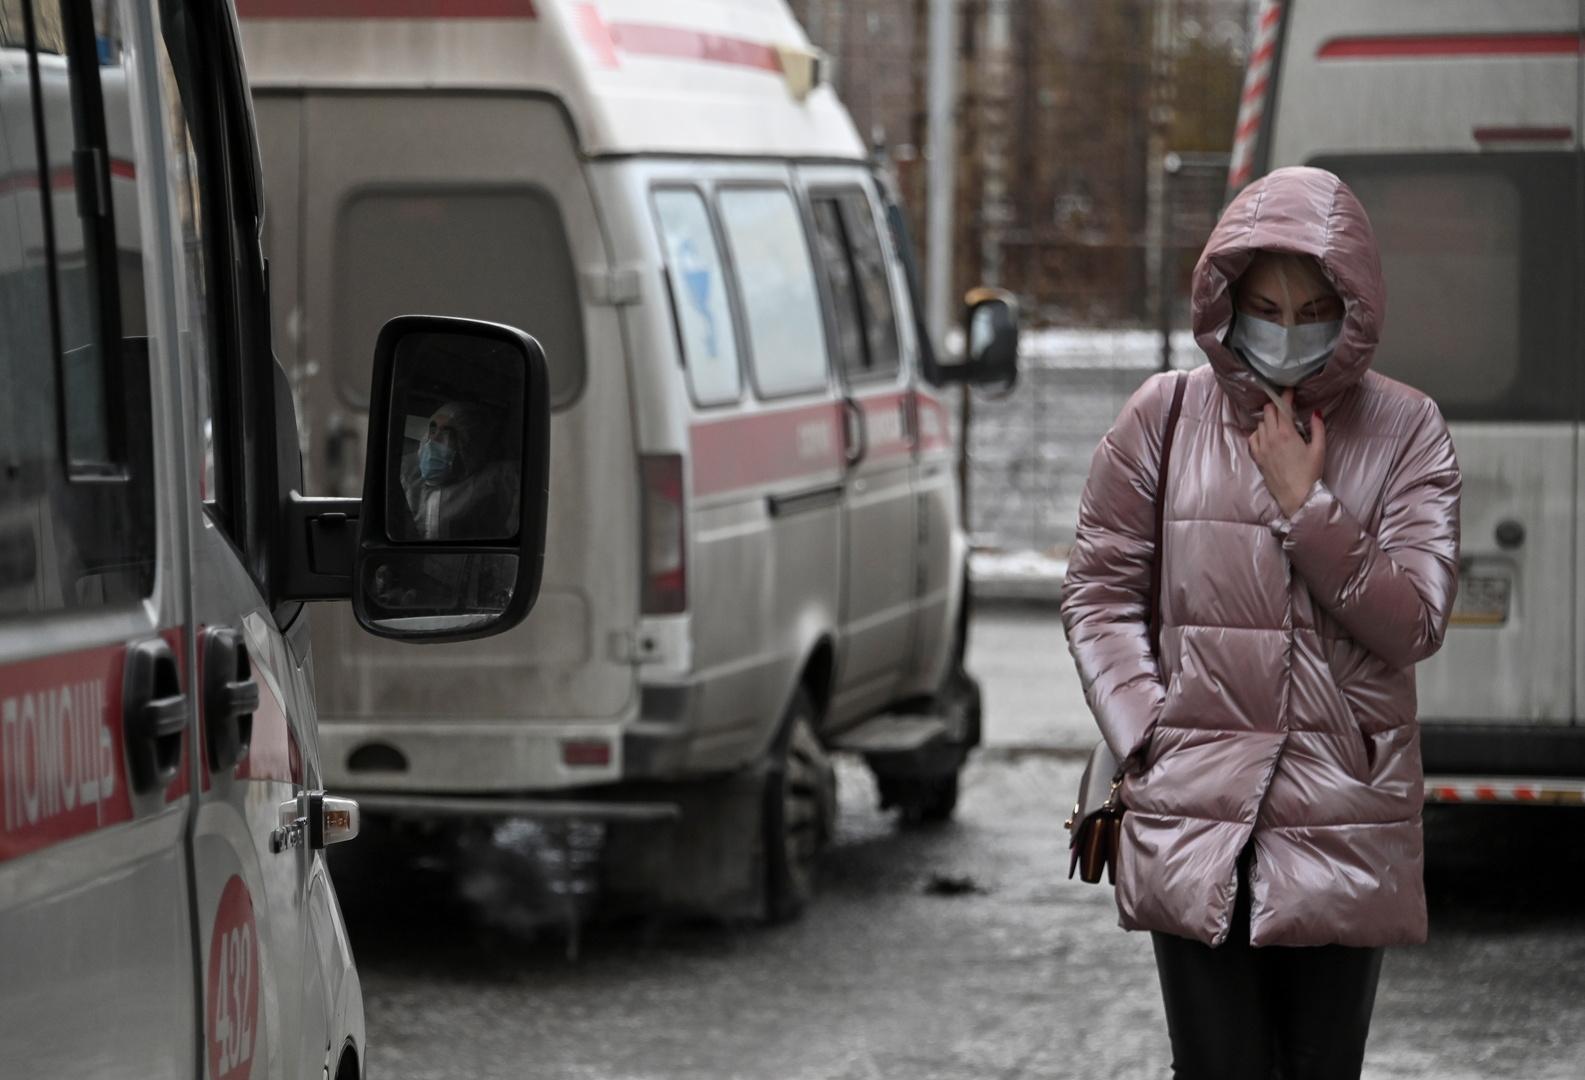 روسيا تسجل لليوم الثاني أكثر من 18 ألف إصابة بكورونا خلال 24 ساعة